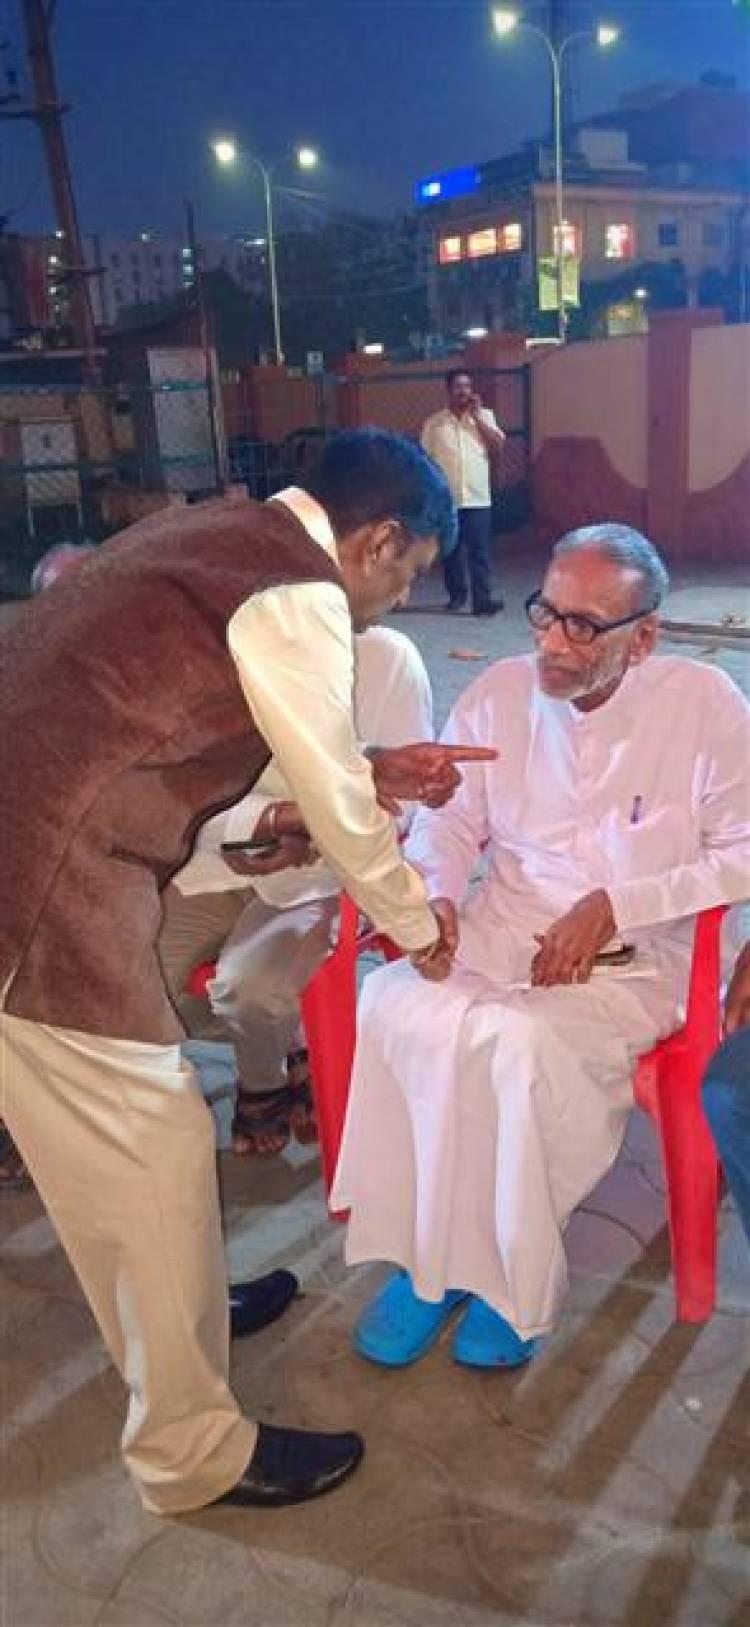 இயக்குநர் ஈ ராமதாஸ் மகன் திருமணம்........பிரபலங்கள் நேரில் வாழ்த்து